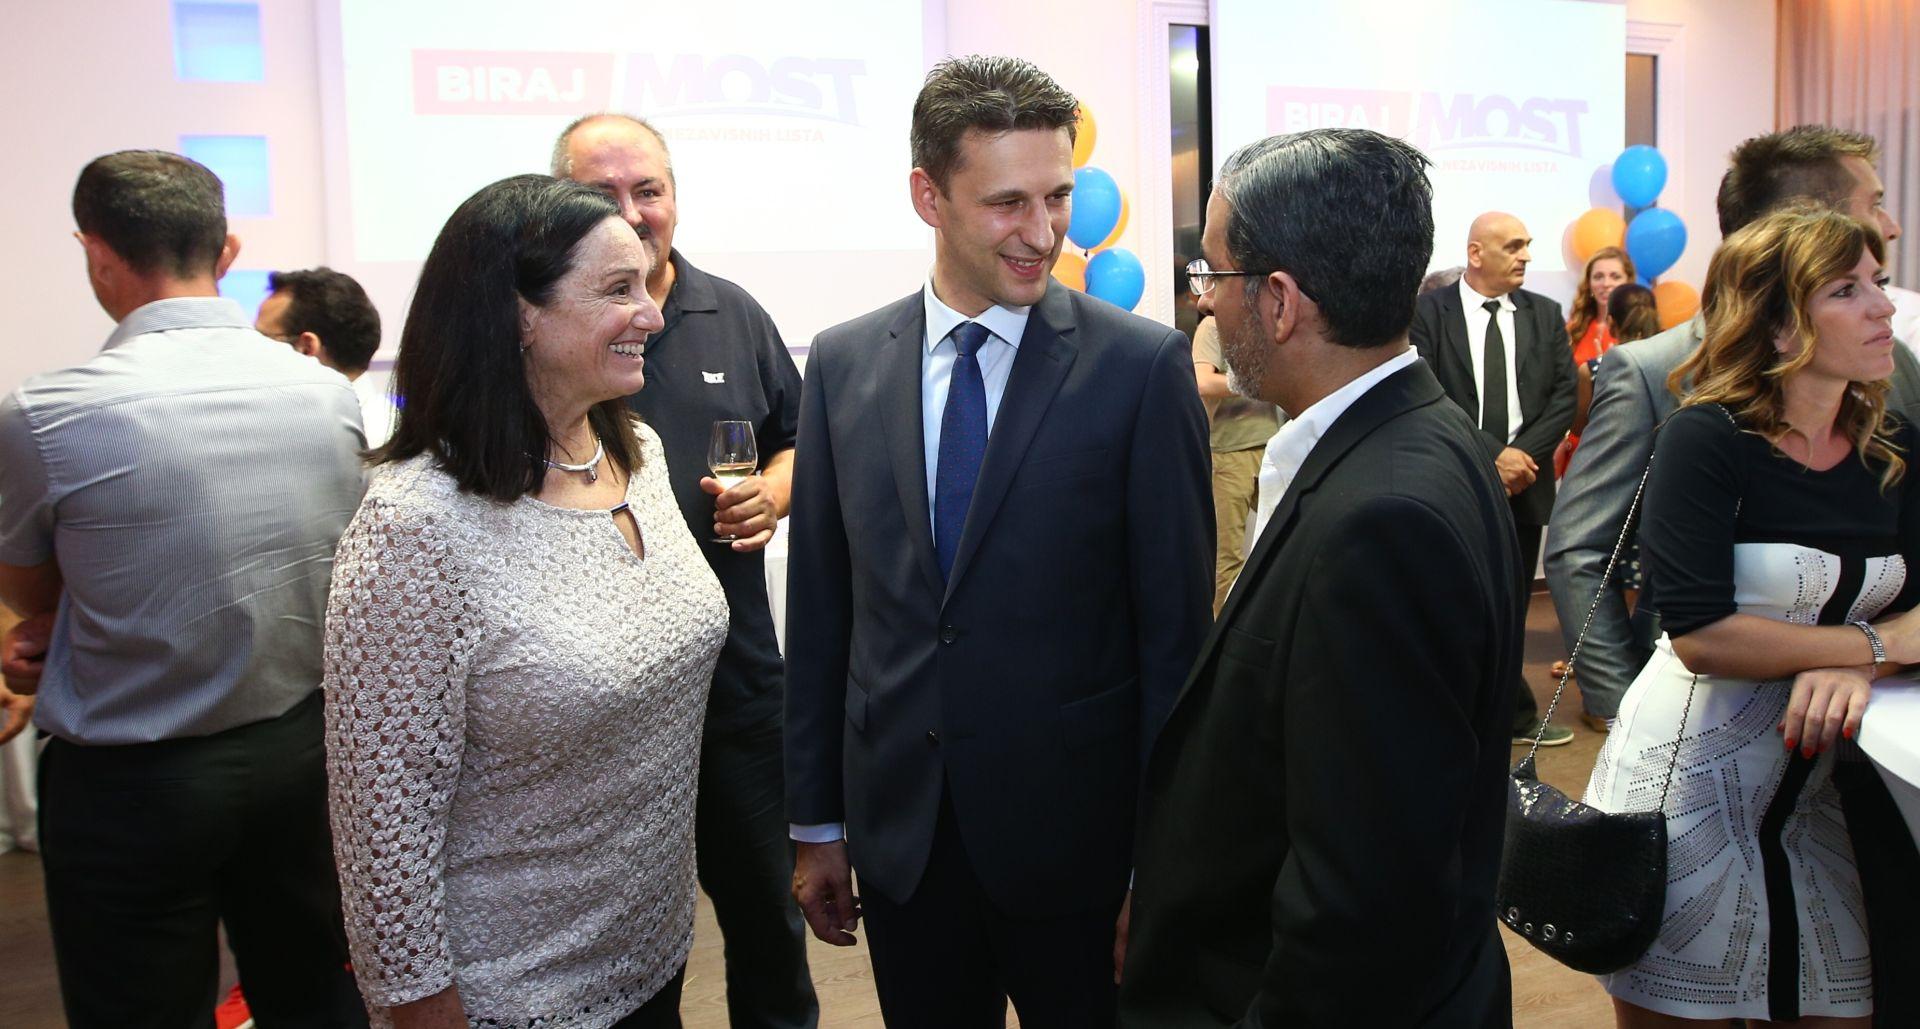 UŽIVO Kreće MOST-ov rok od pet dana: Plenković: Velika koalicija nije opcija, ali neka Milanović prvo čestita